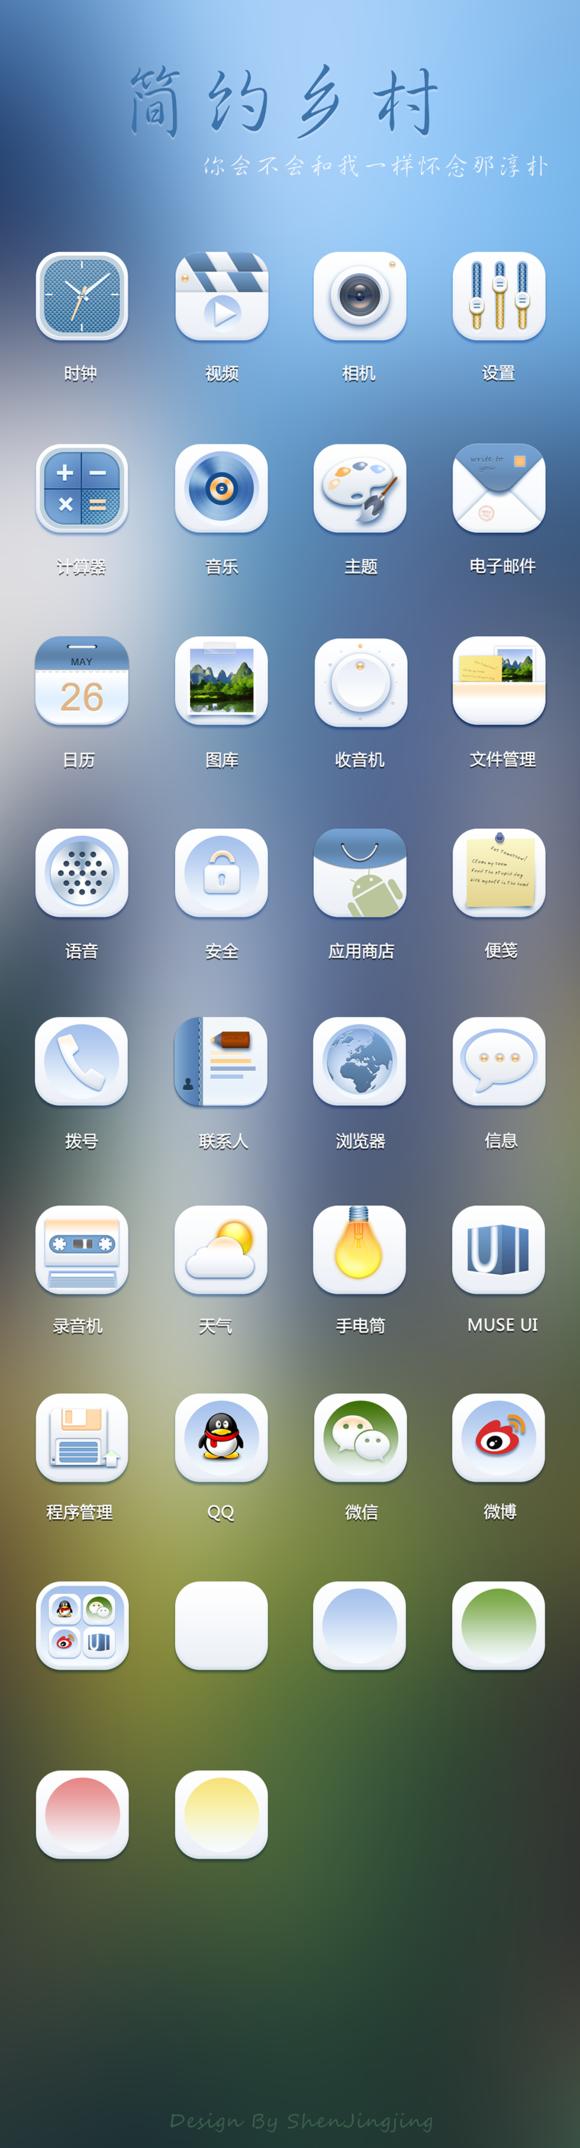 首页 产品设计 app界面设计  今天分享的是4种不同设计风格的app界面